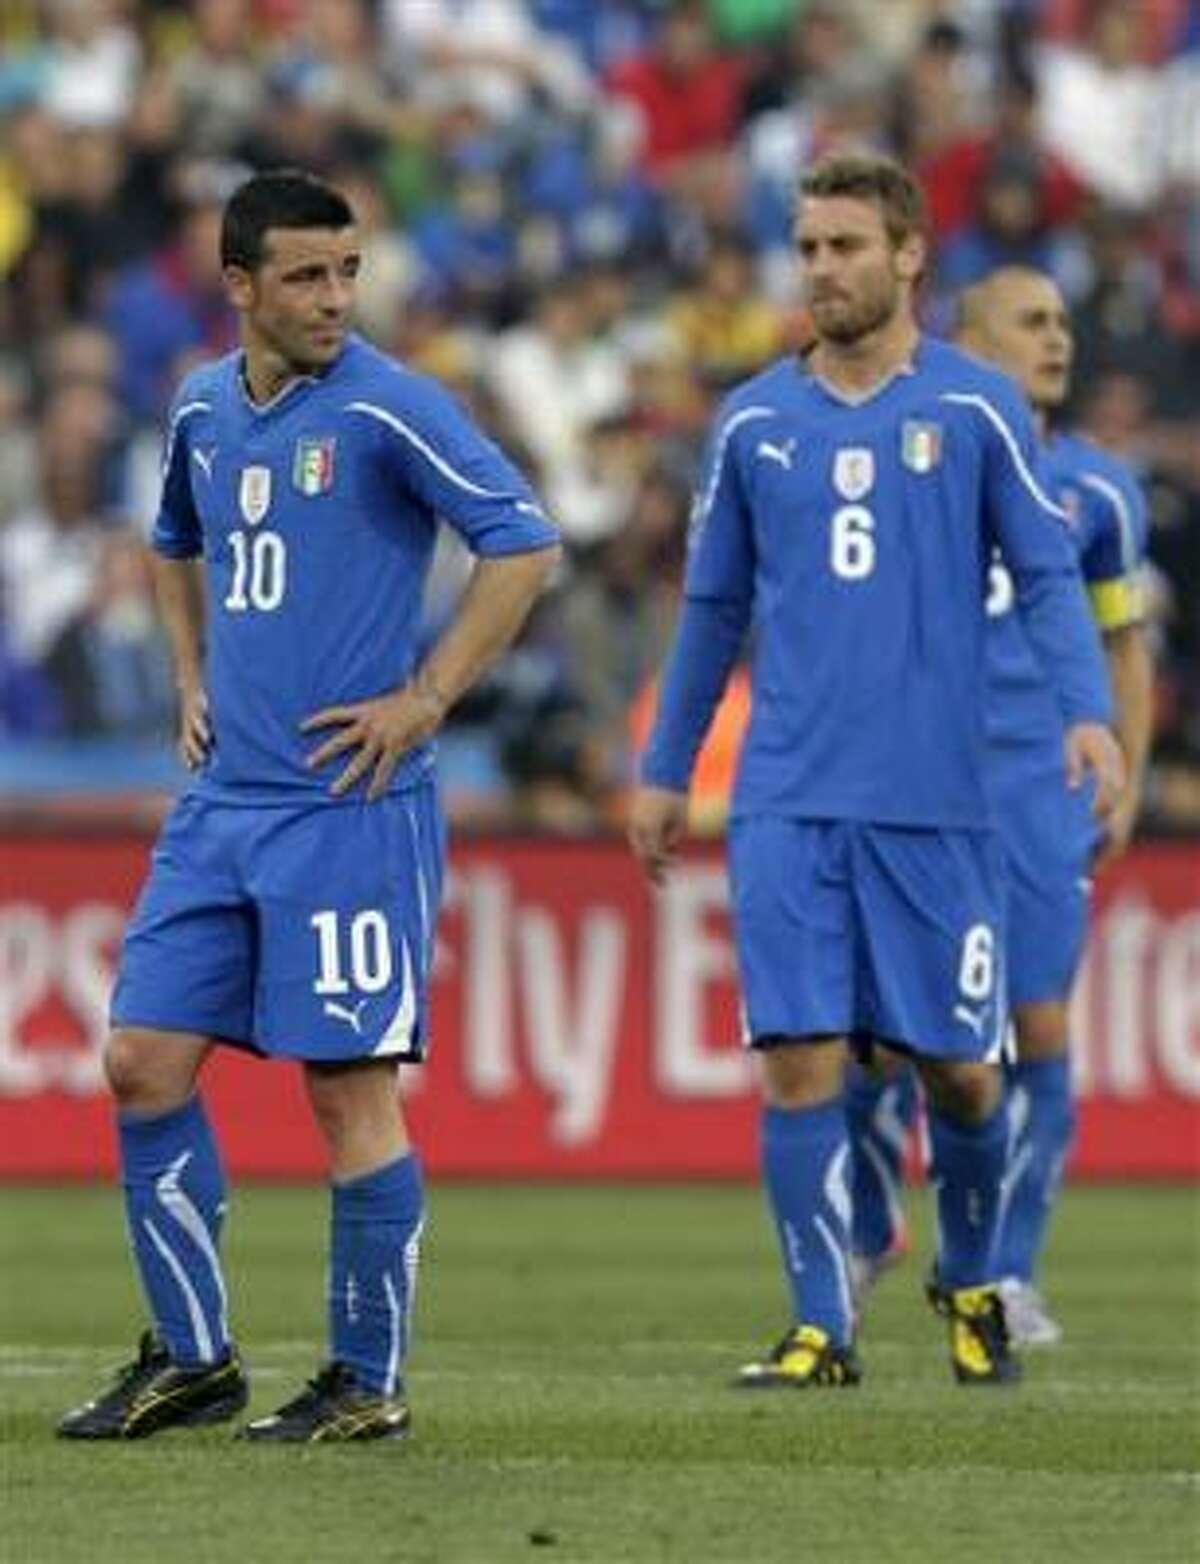 En el otro partido del Grupo F, Italia, defensor del título, perdió 3-2 con Eslovaquia y quedó eliminado.